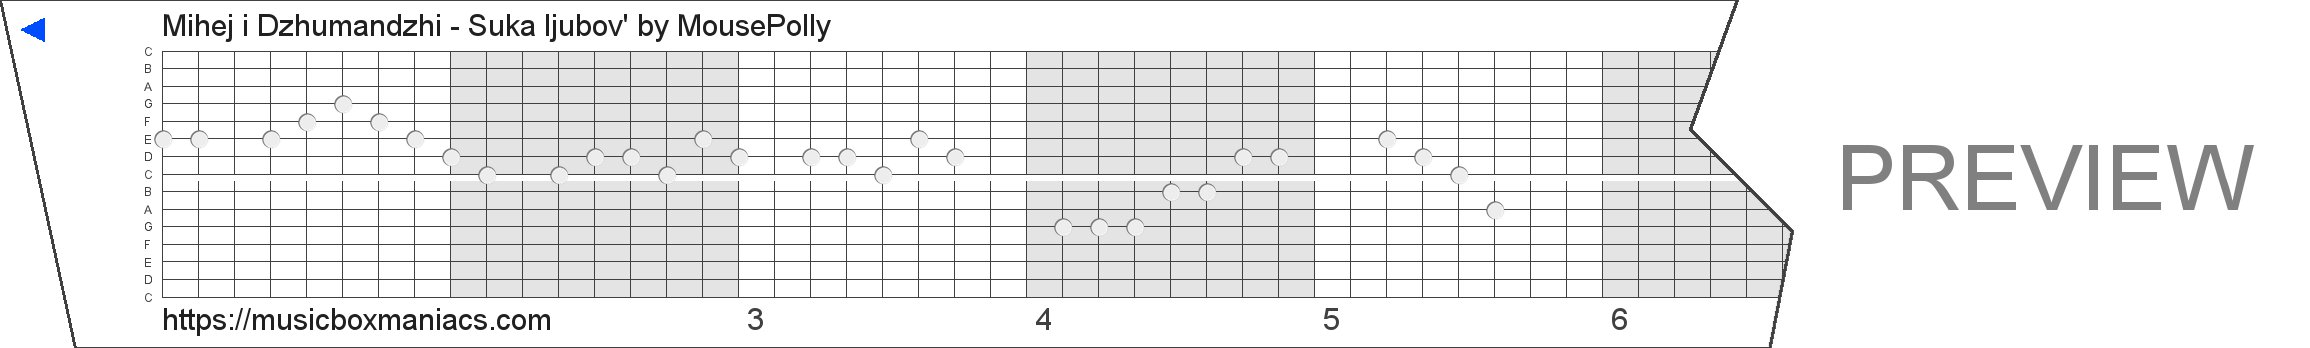 Mihej i Dzhumandzhi - Suka ljubov' 15 note music box paper strip